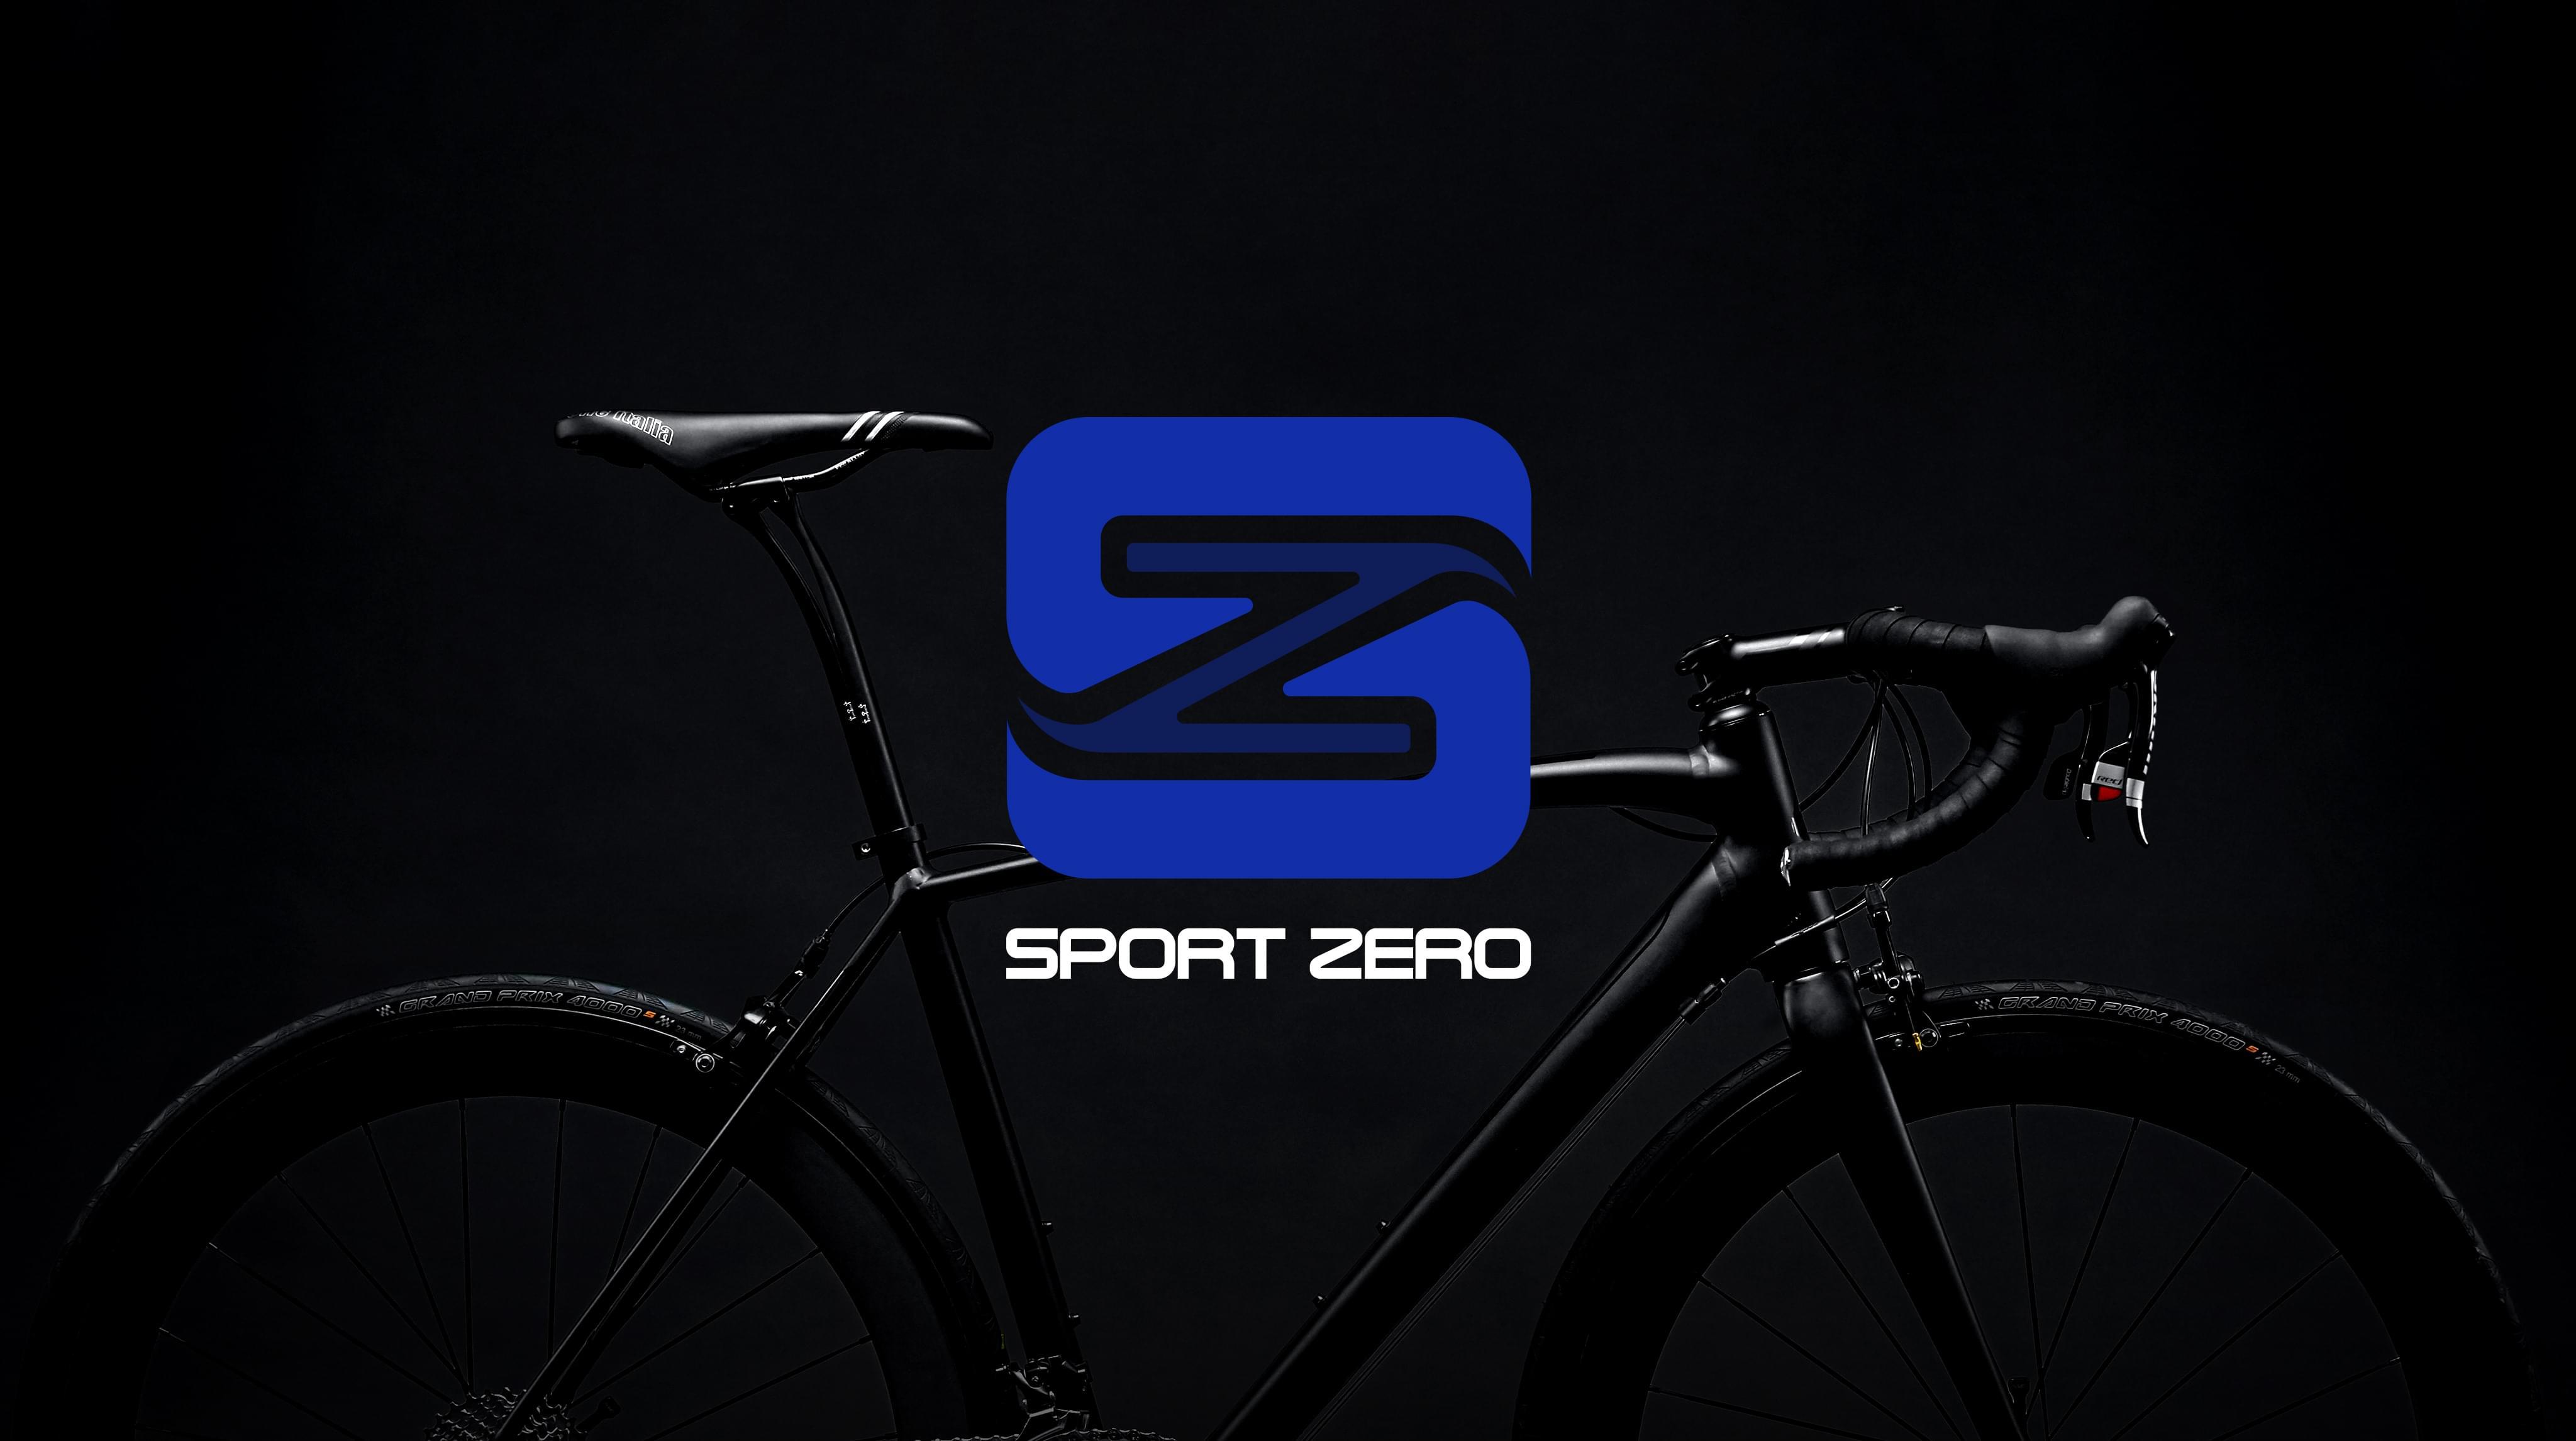 Sport Zero | Get #1 Branding Your Business | Branding Agency Branding